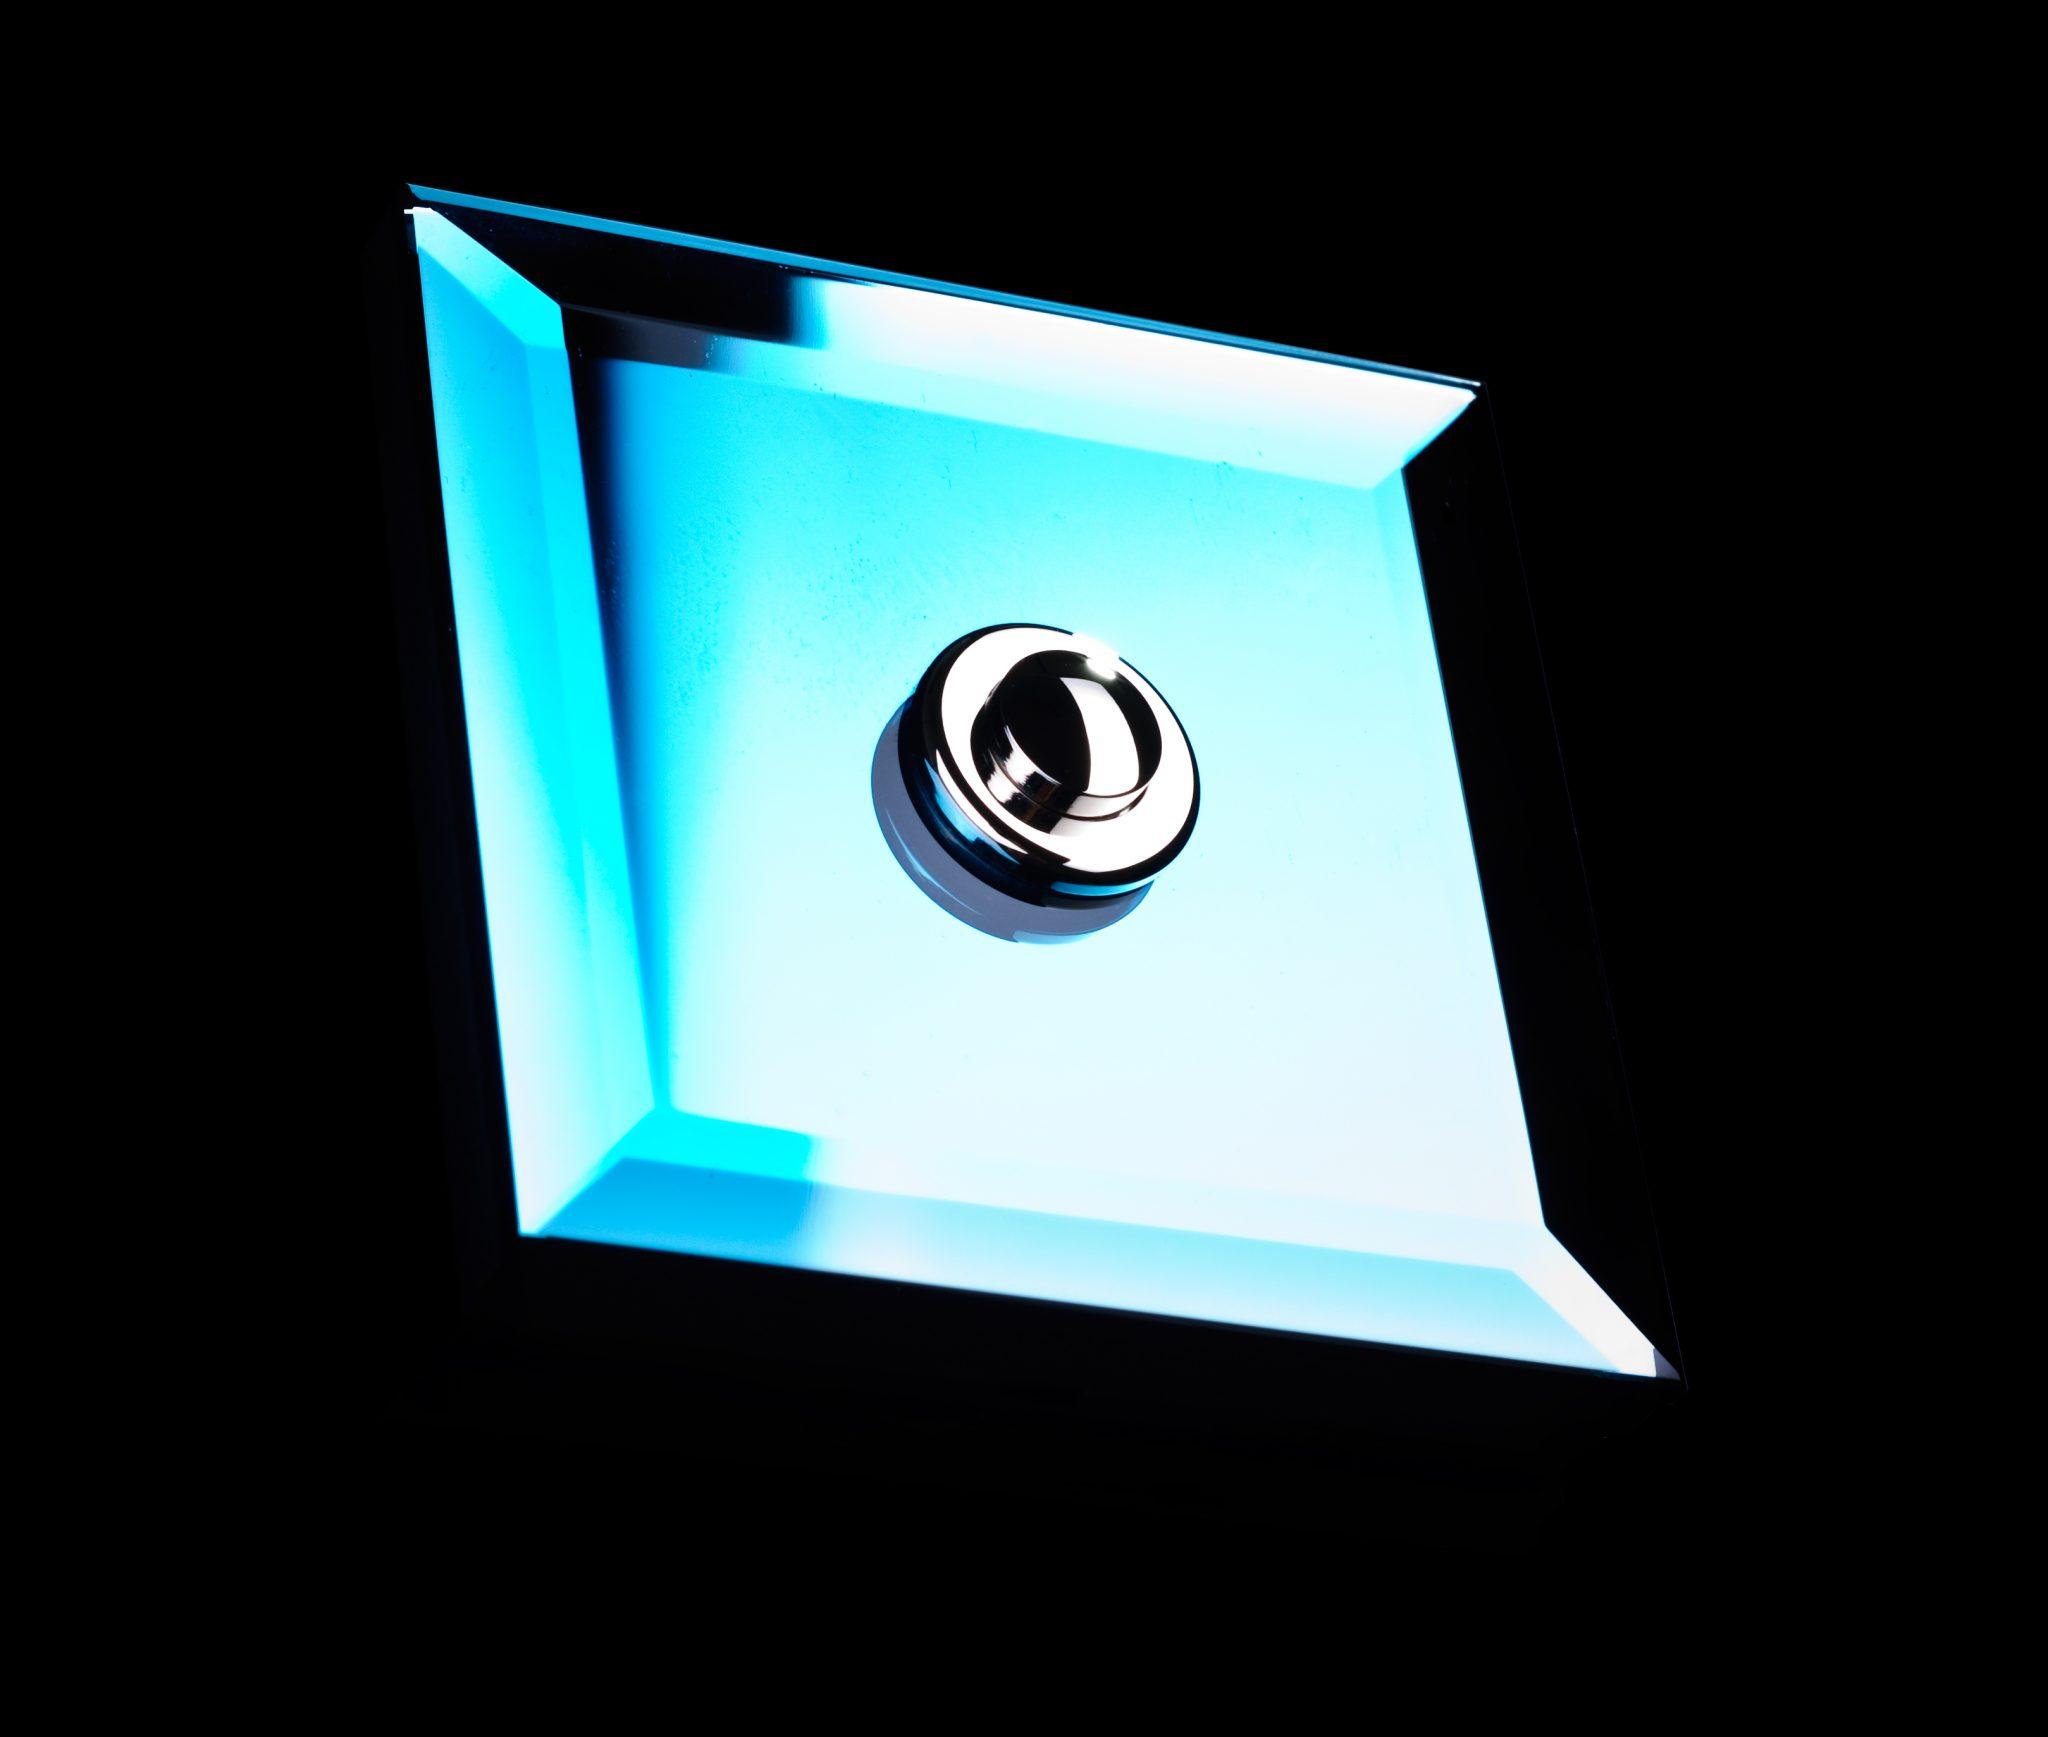 Cudowna CRYSTAL - szklany włącznik światła - Nota Bene YR66